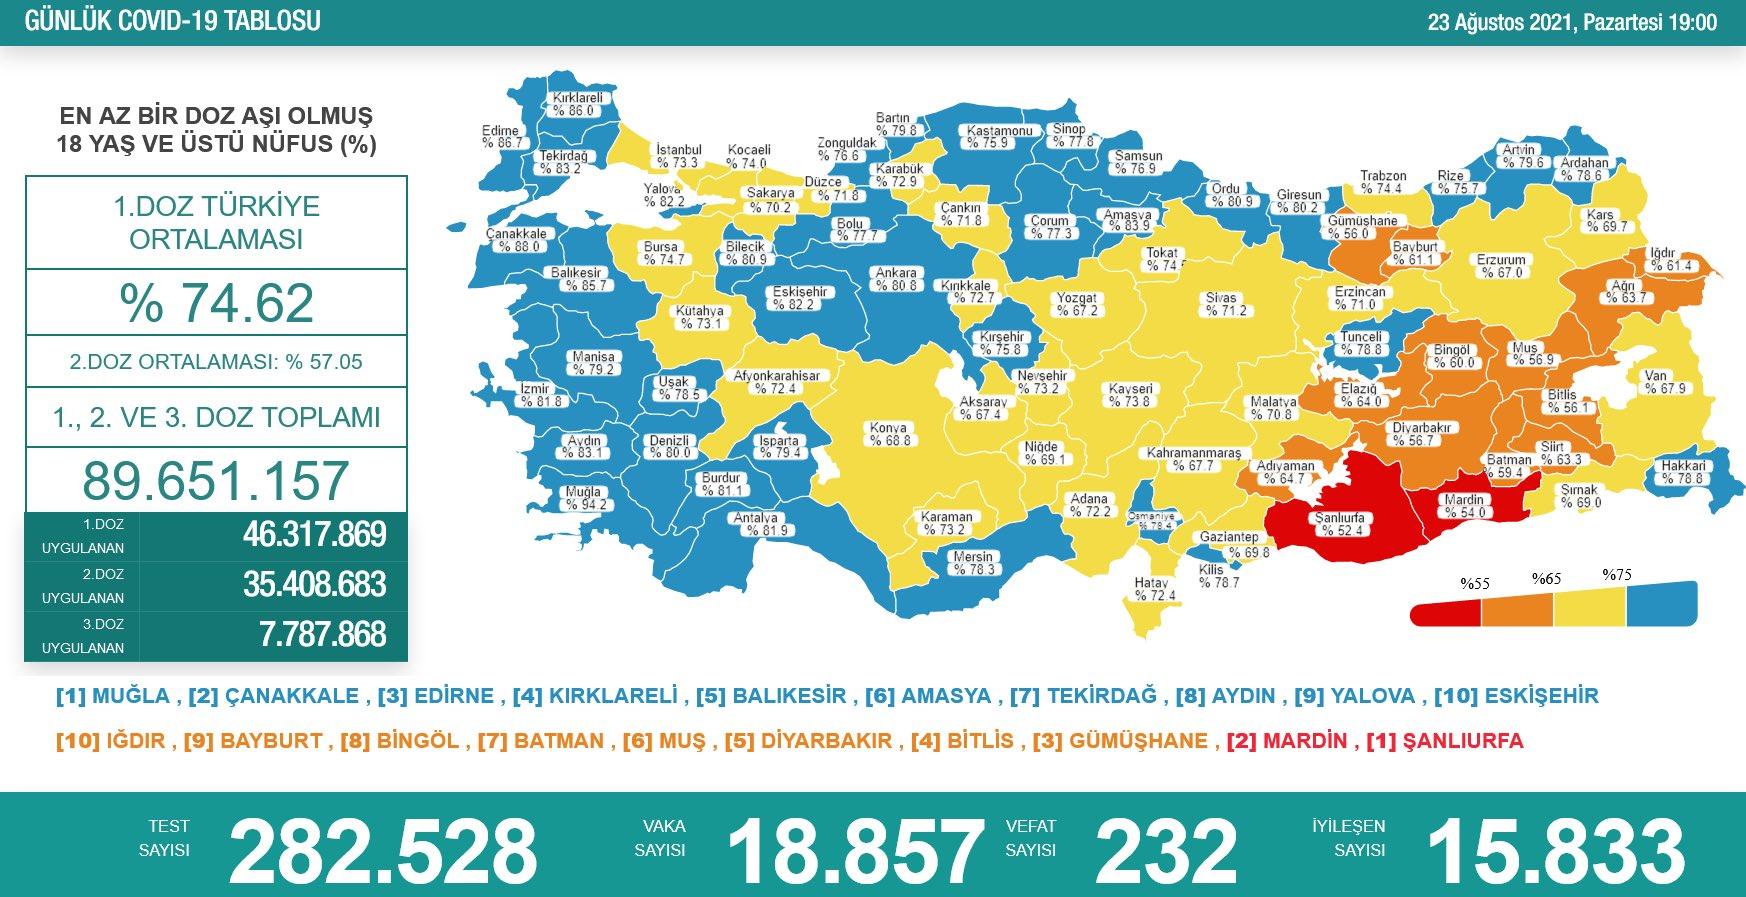 23 Ağustos 2021 Türkiye Koronavirüs Tablosu Açıkladı